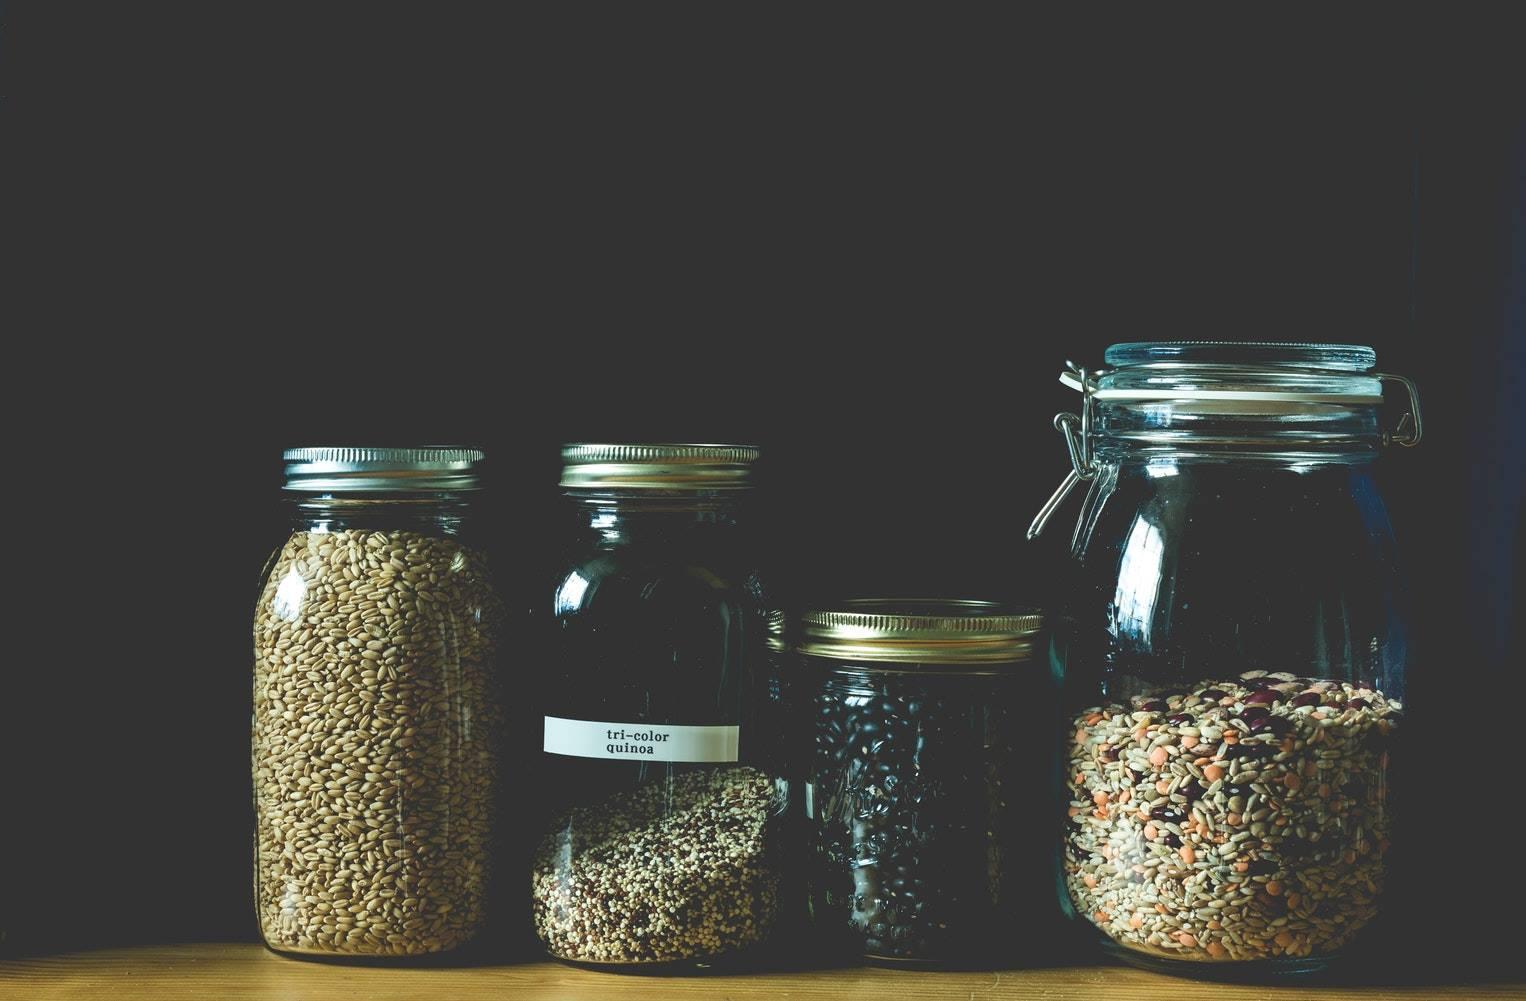 ¿Cómo preparar nueces, granos, semillas y leguminosas para una nutrición óptima?